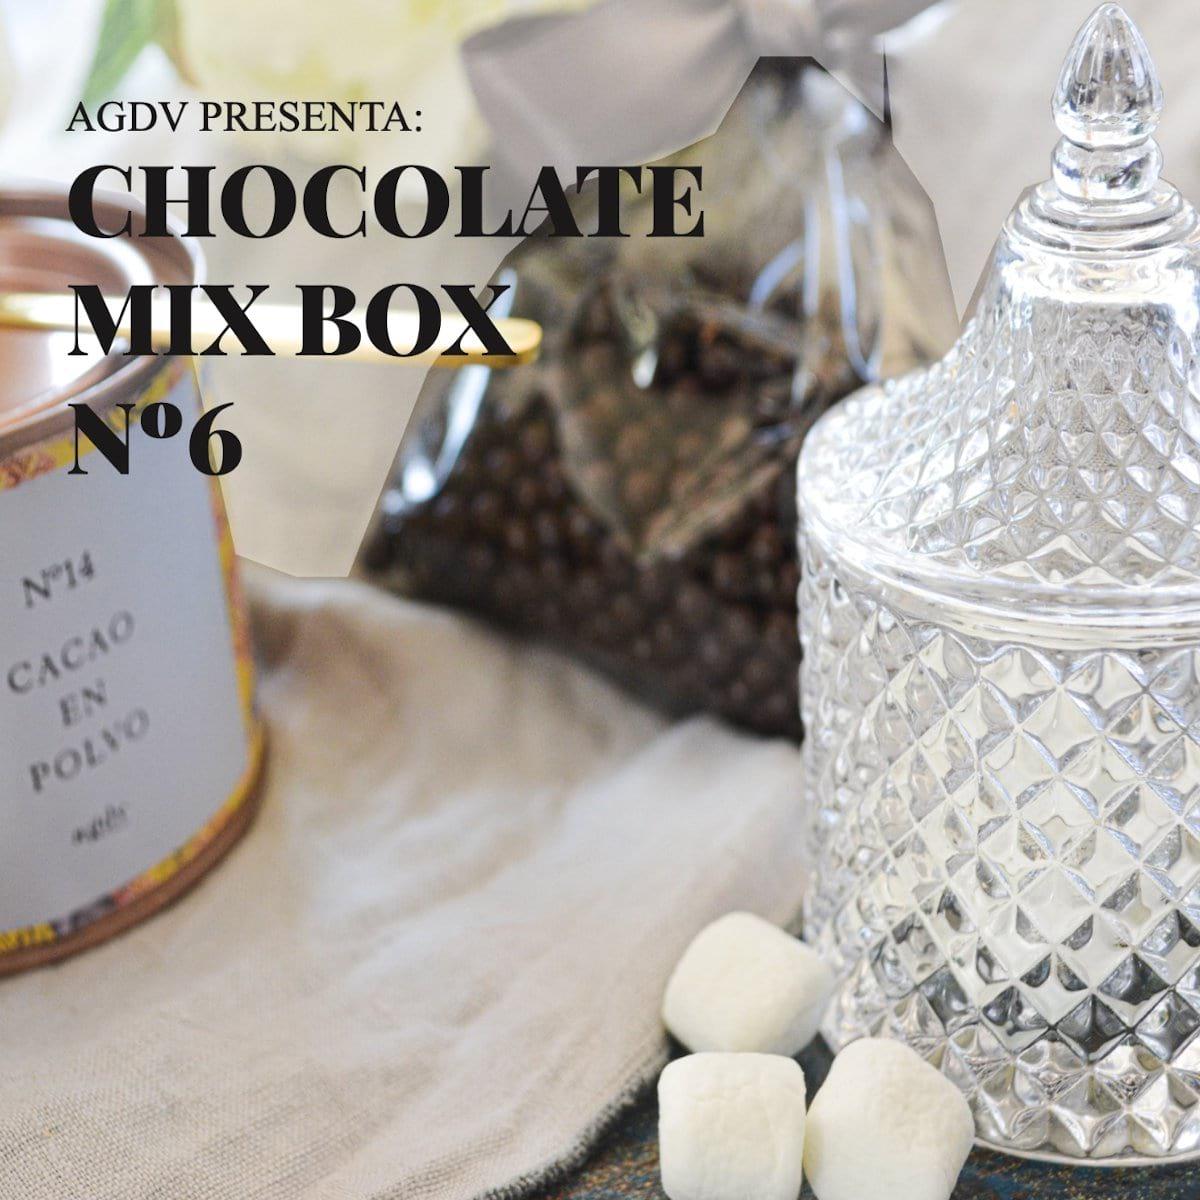 Chocolate Mix Box 6